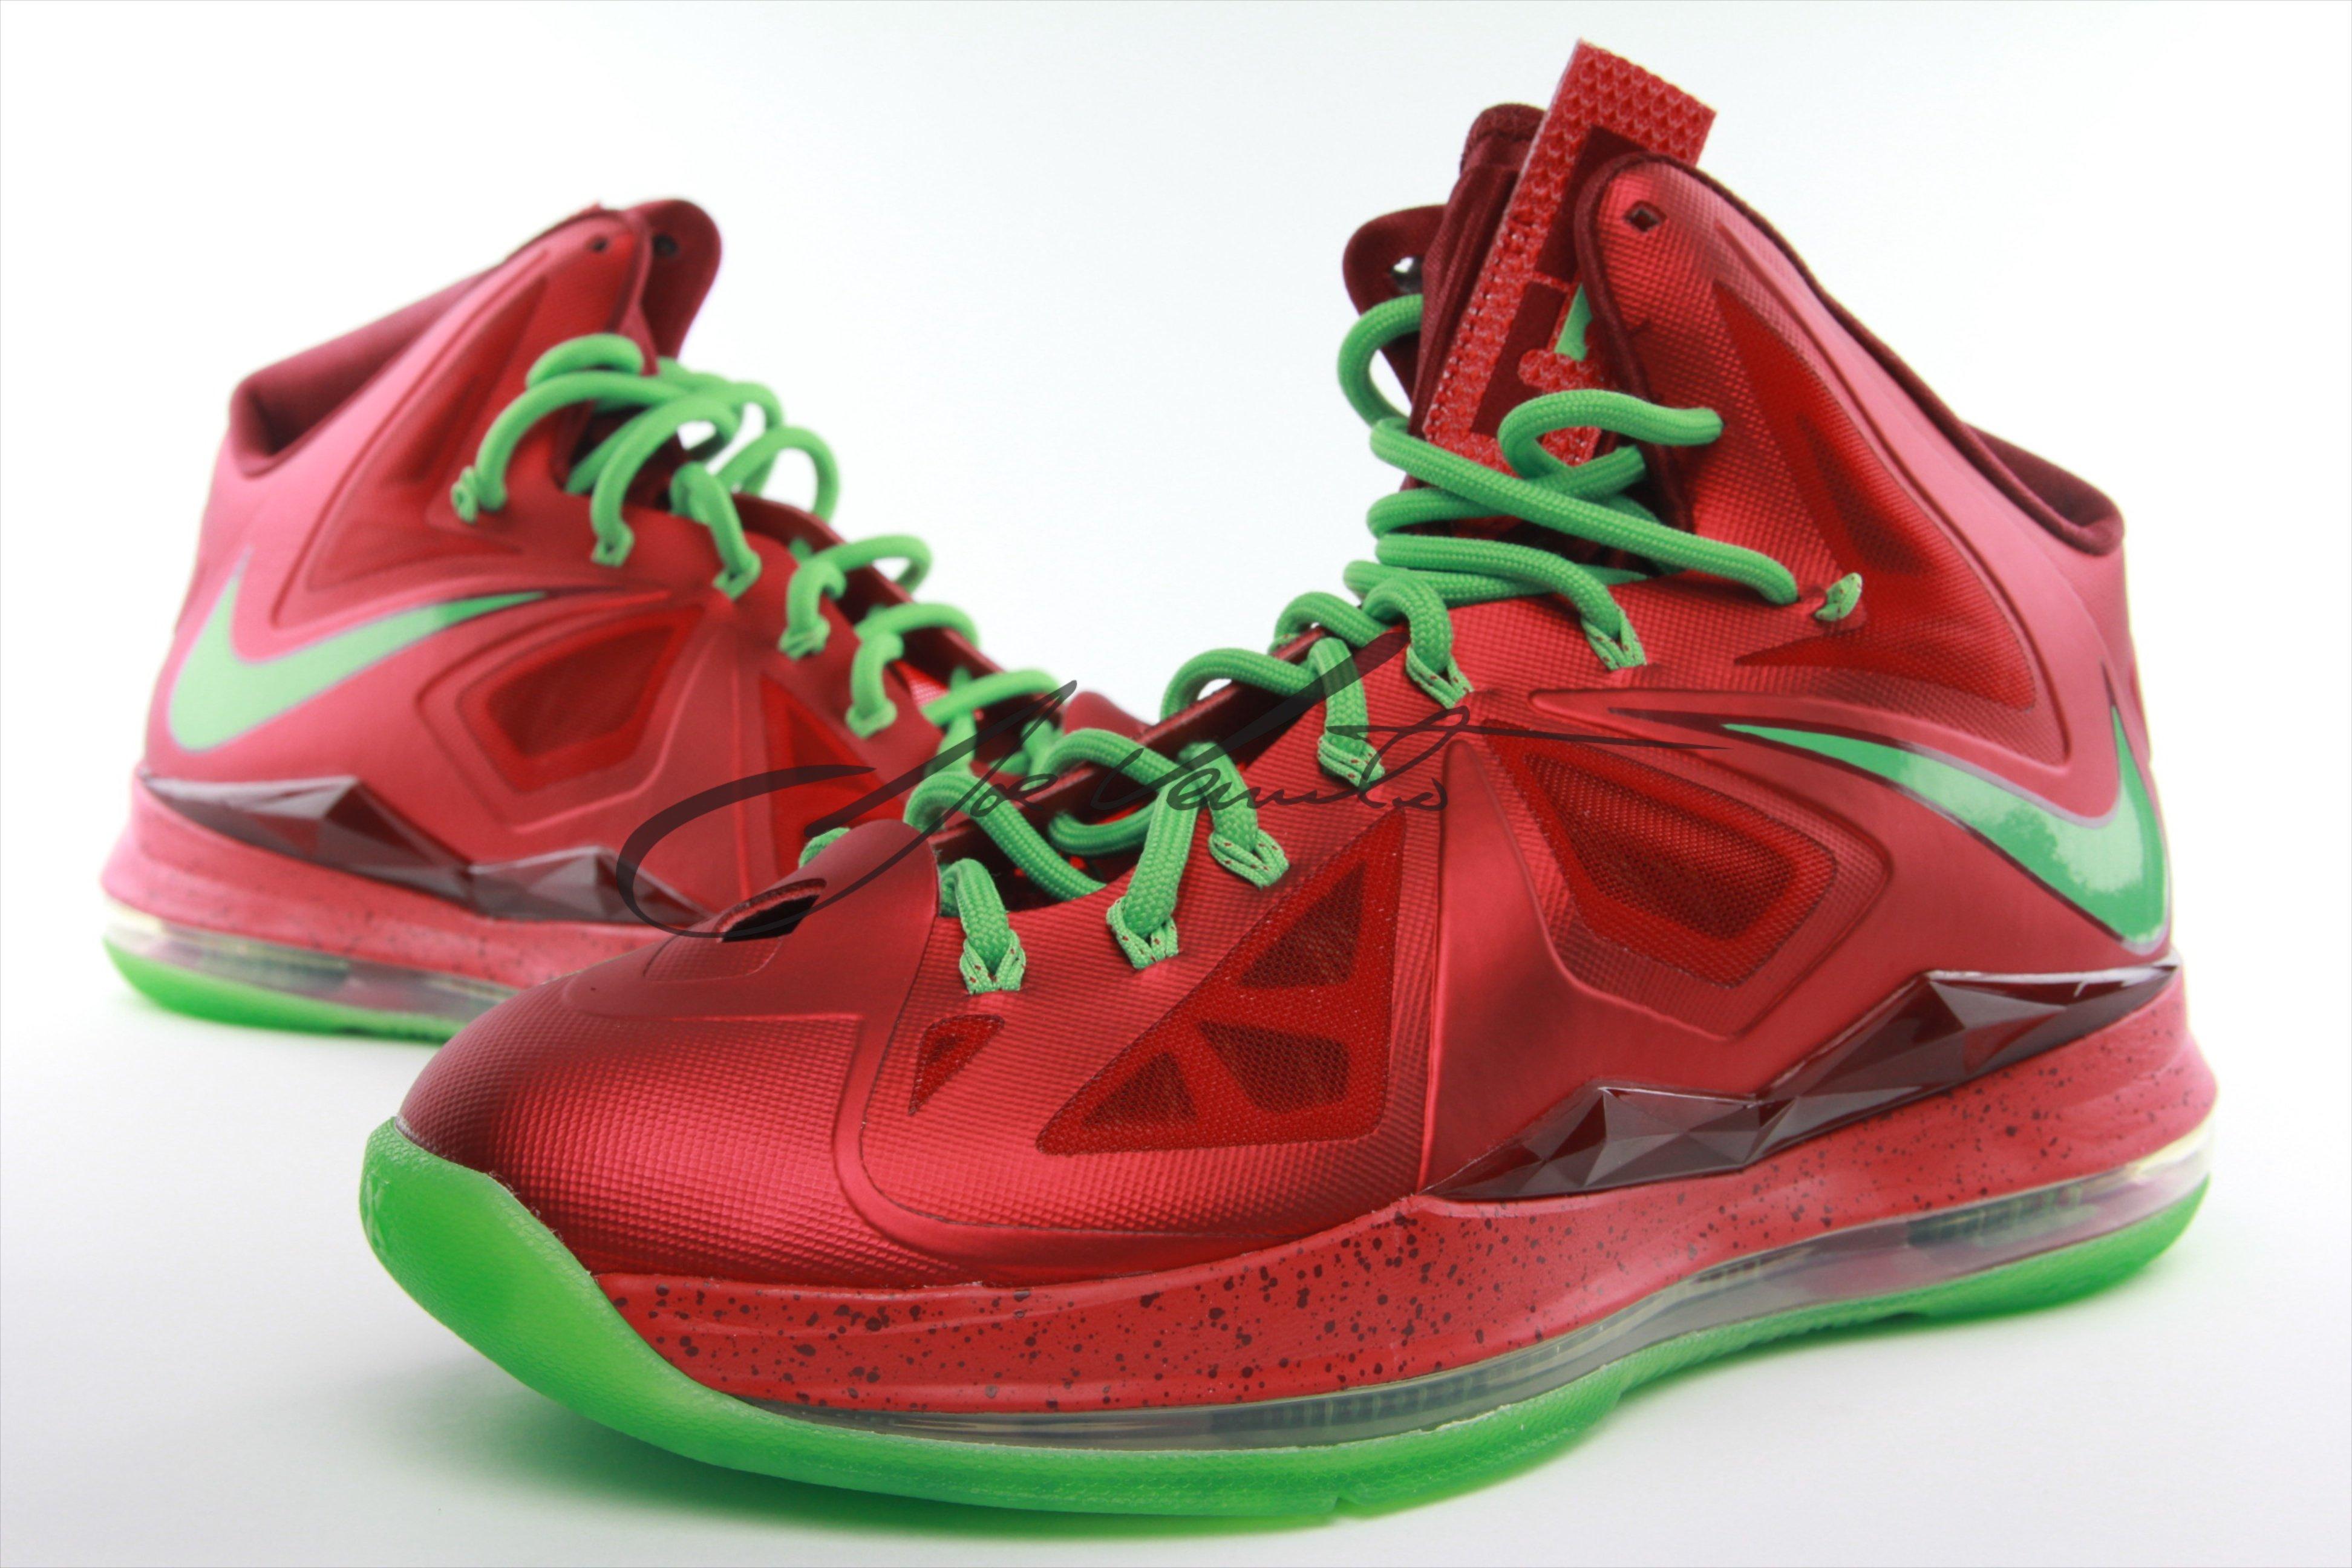 Nike LeBron X (10) 'Christmas' – New